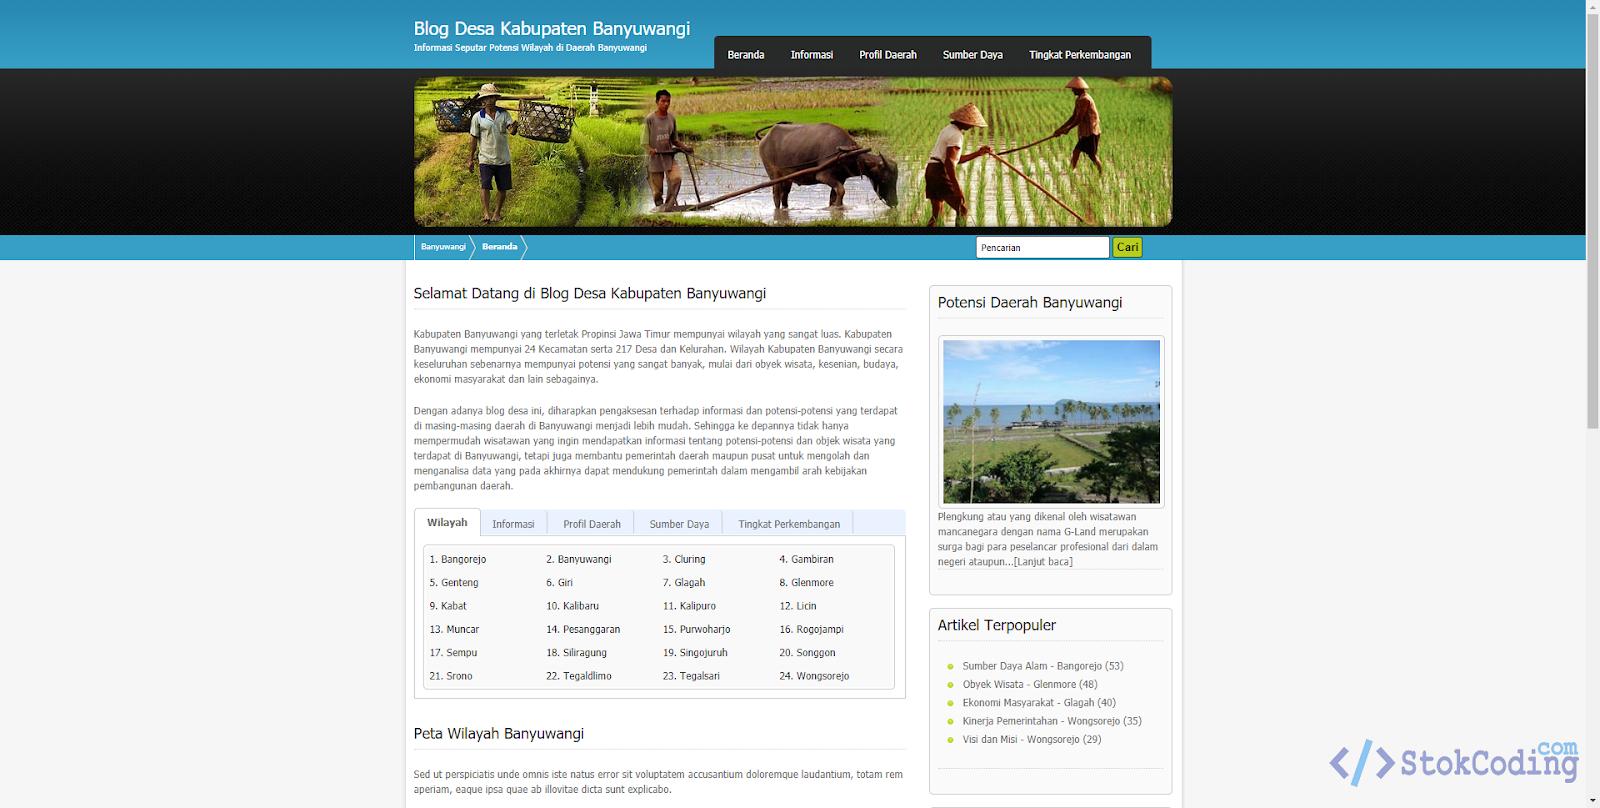 Sistem Informasi Blog Desa Berbasis Web (Codeigniter)